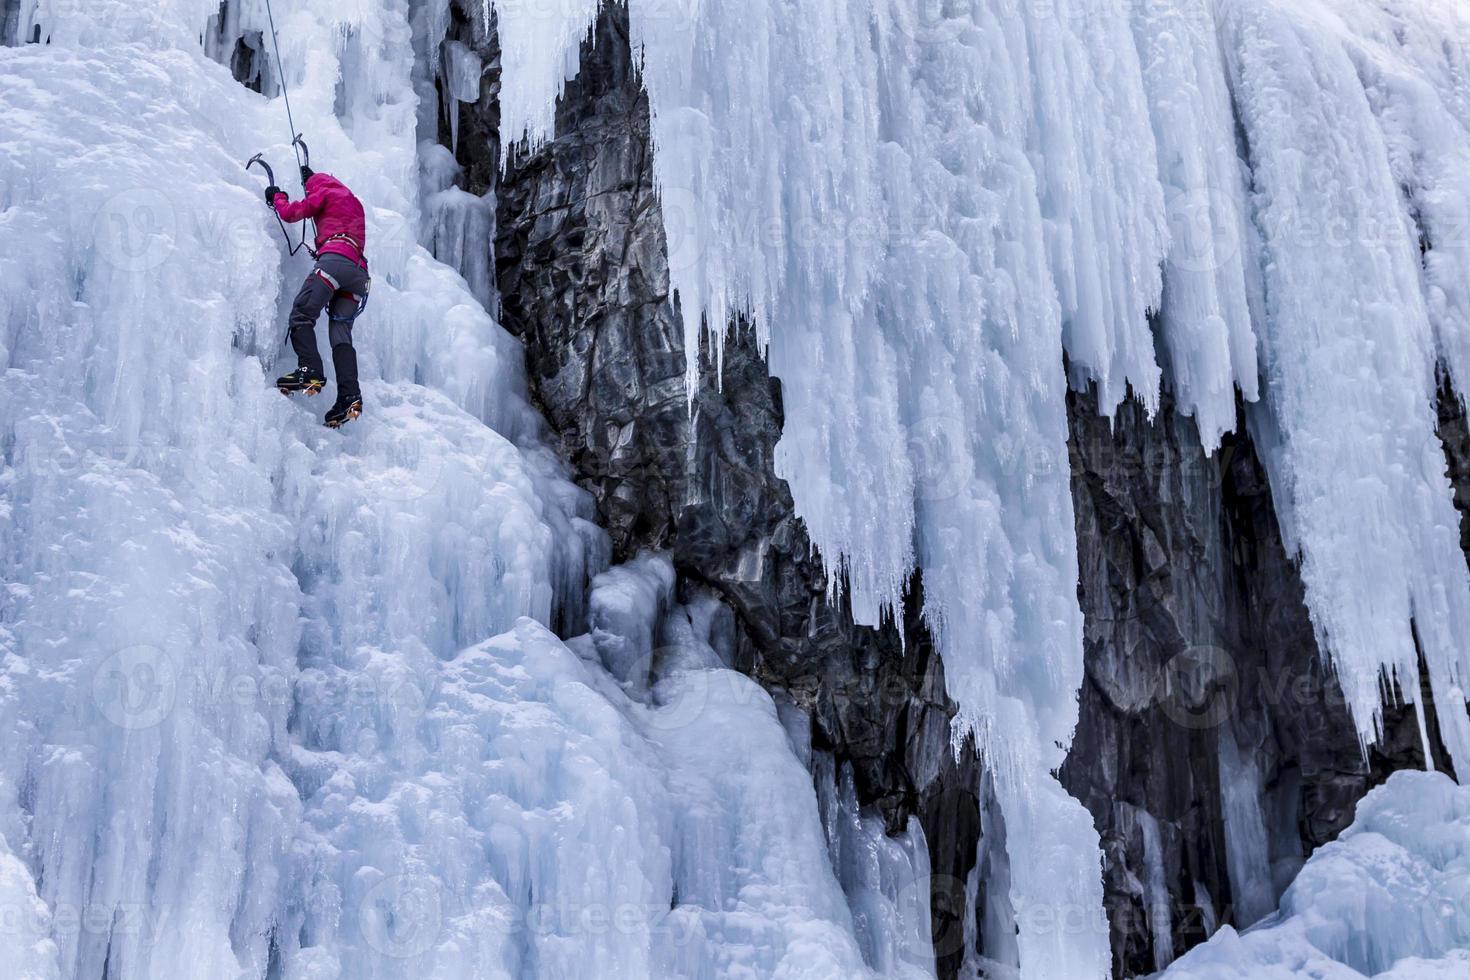 arrampicata su ghiaccio donna foto